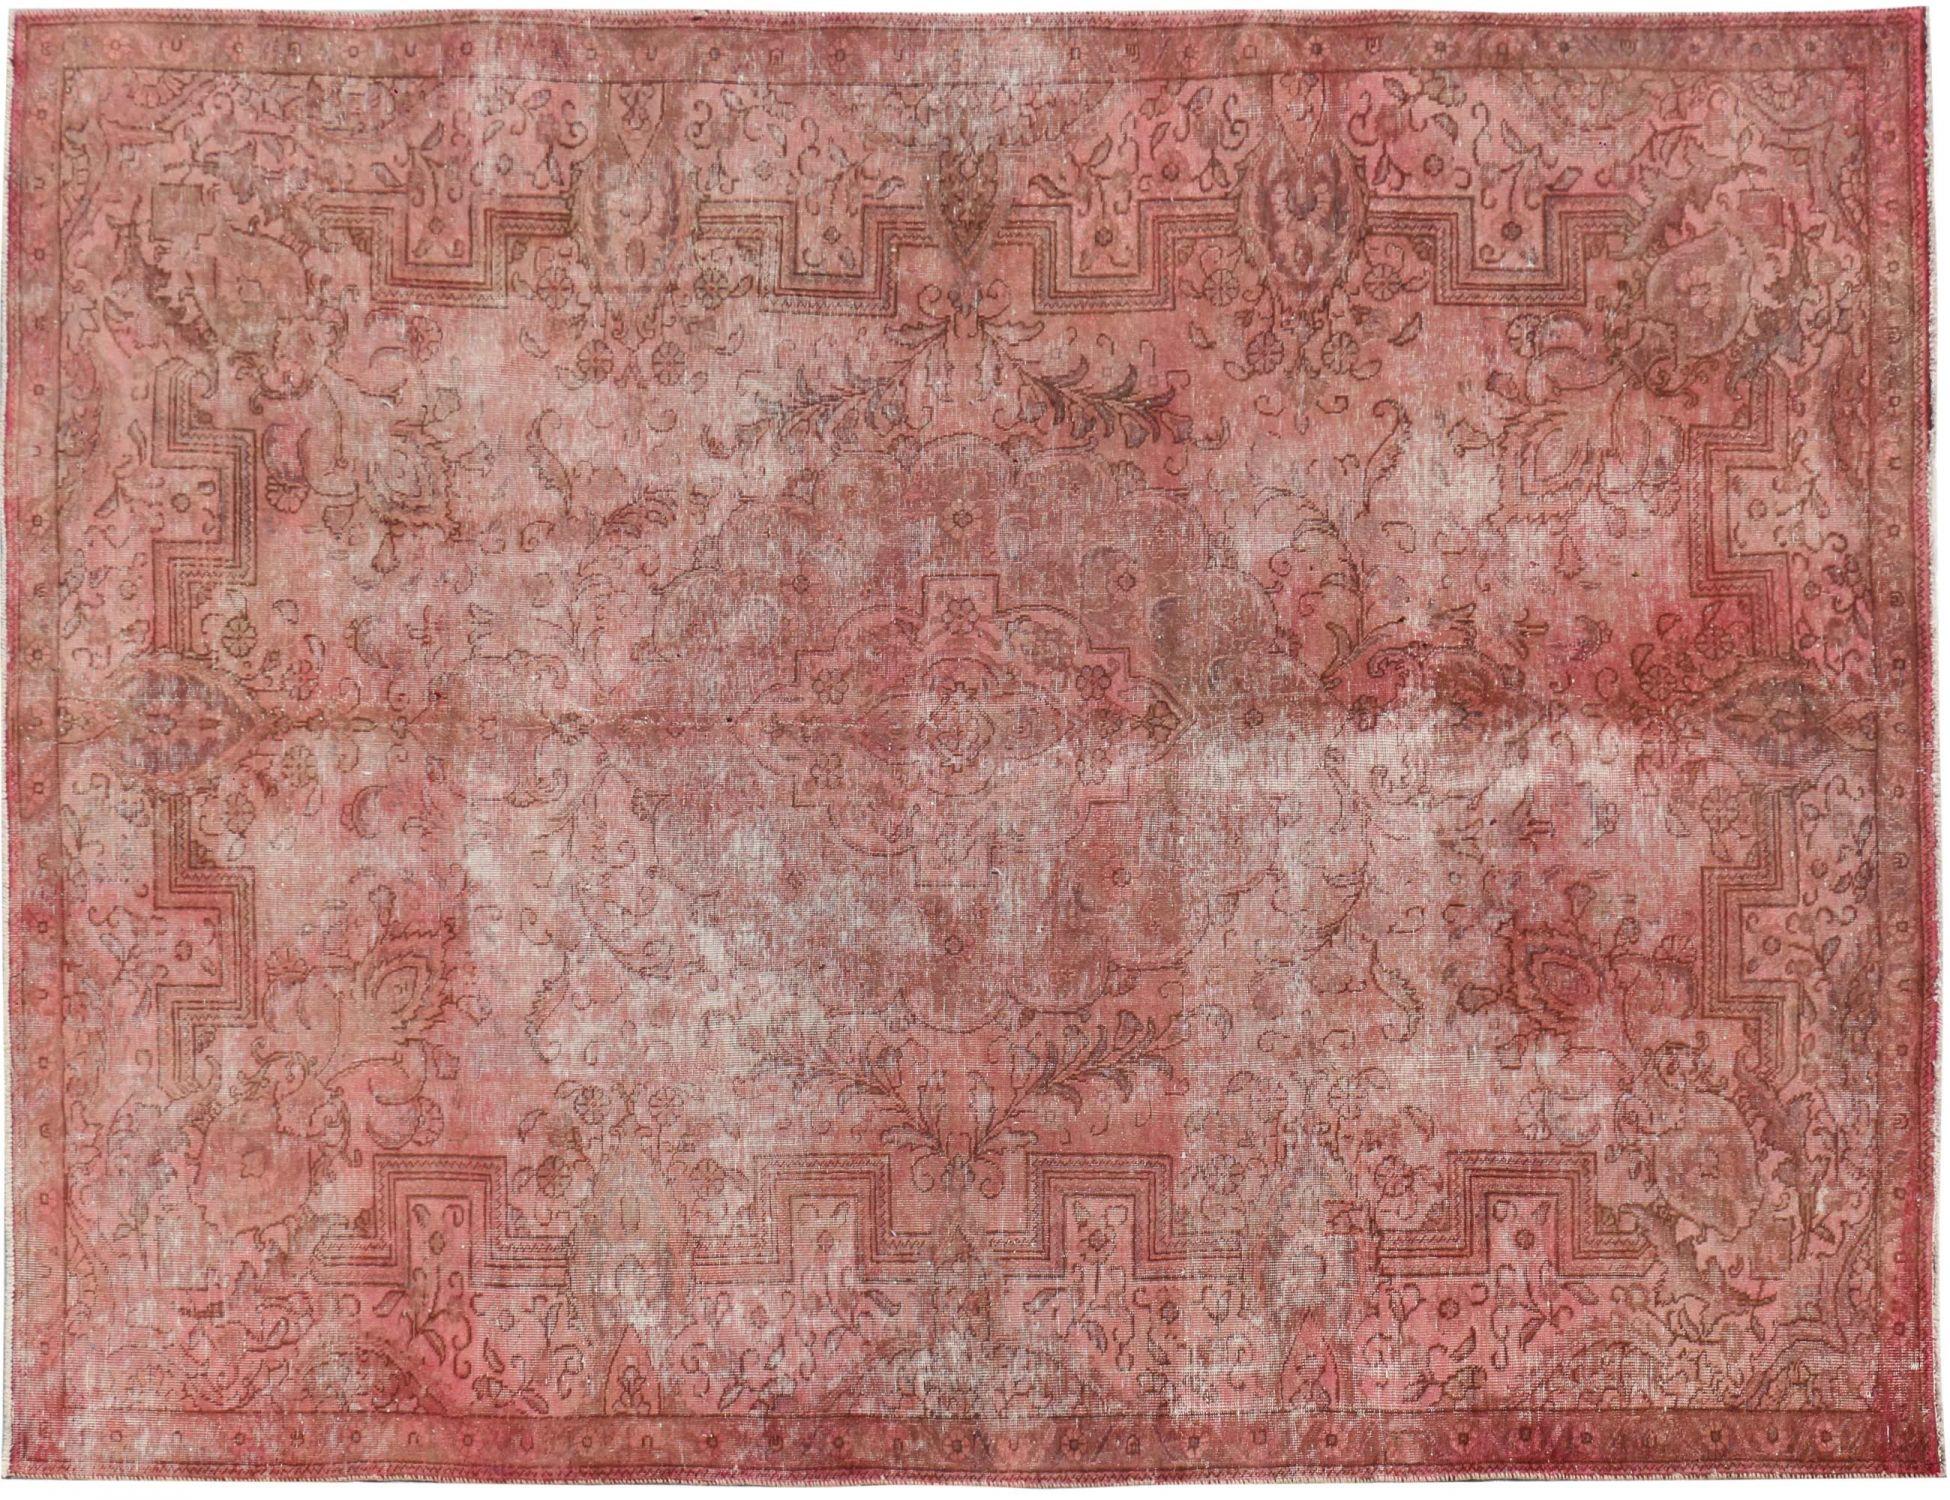 Persischer Vintage Teppich  rosa <br/>338 x 223 cm